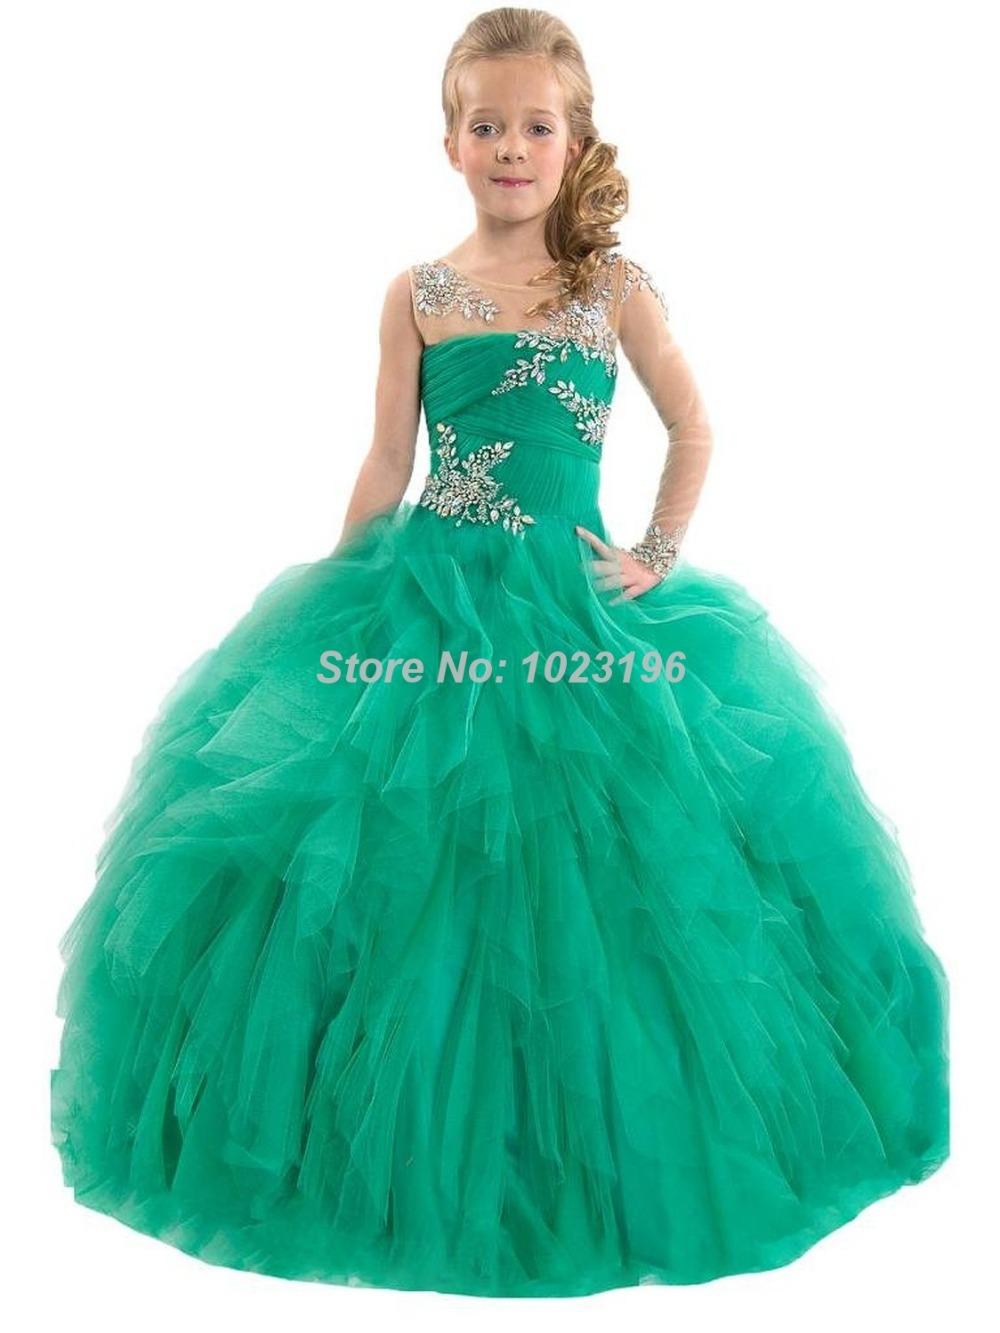 2015 игристое зеленый кристалл оборками тюль девочки конкурс платье одно с длинным рукавом фестиваль девушок цветка платье именинница платье